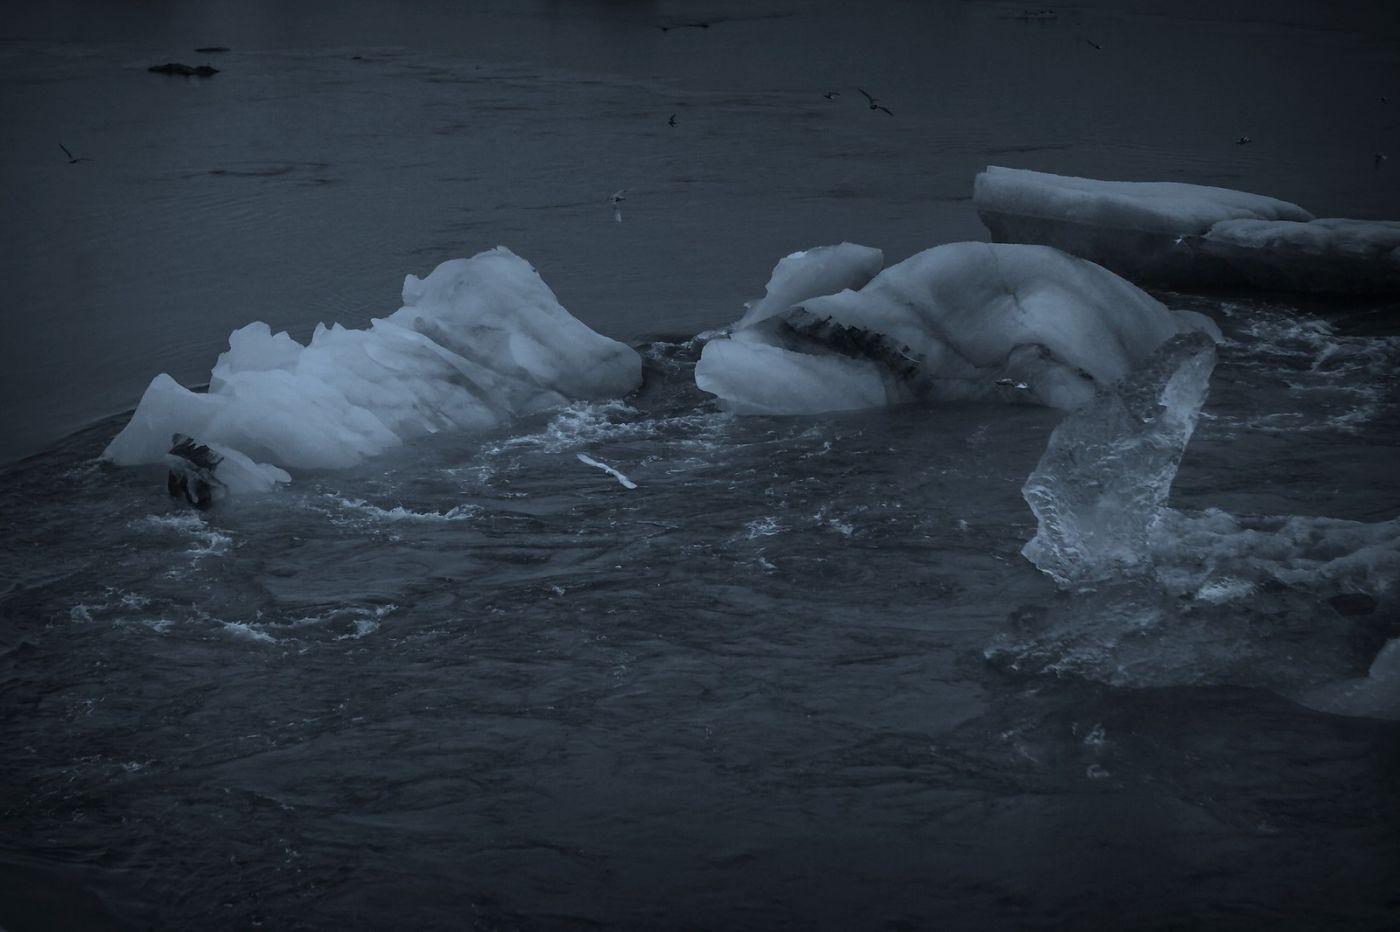 冰岛冰川泻湖(Glacier Lagoon), 湖面上冰川_图1-16